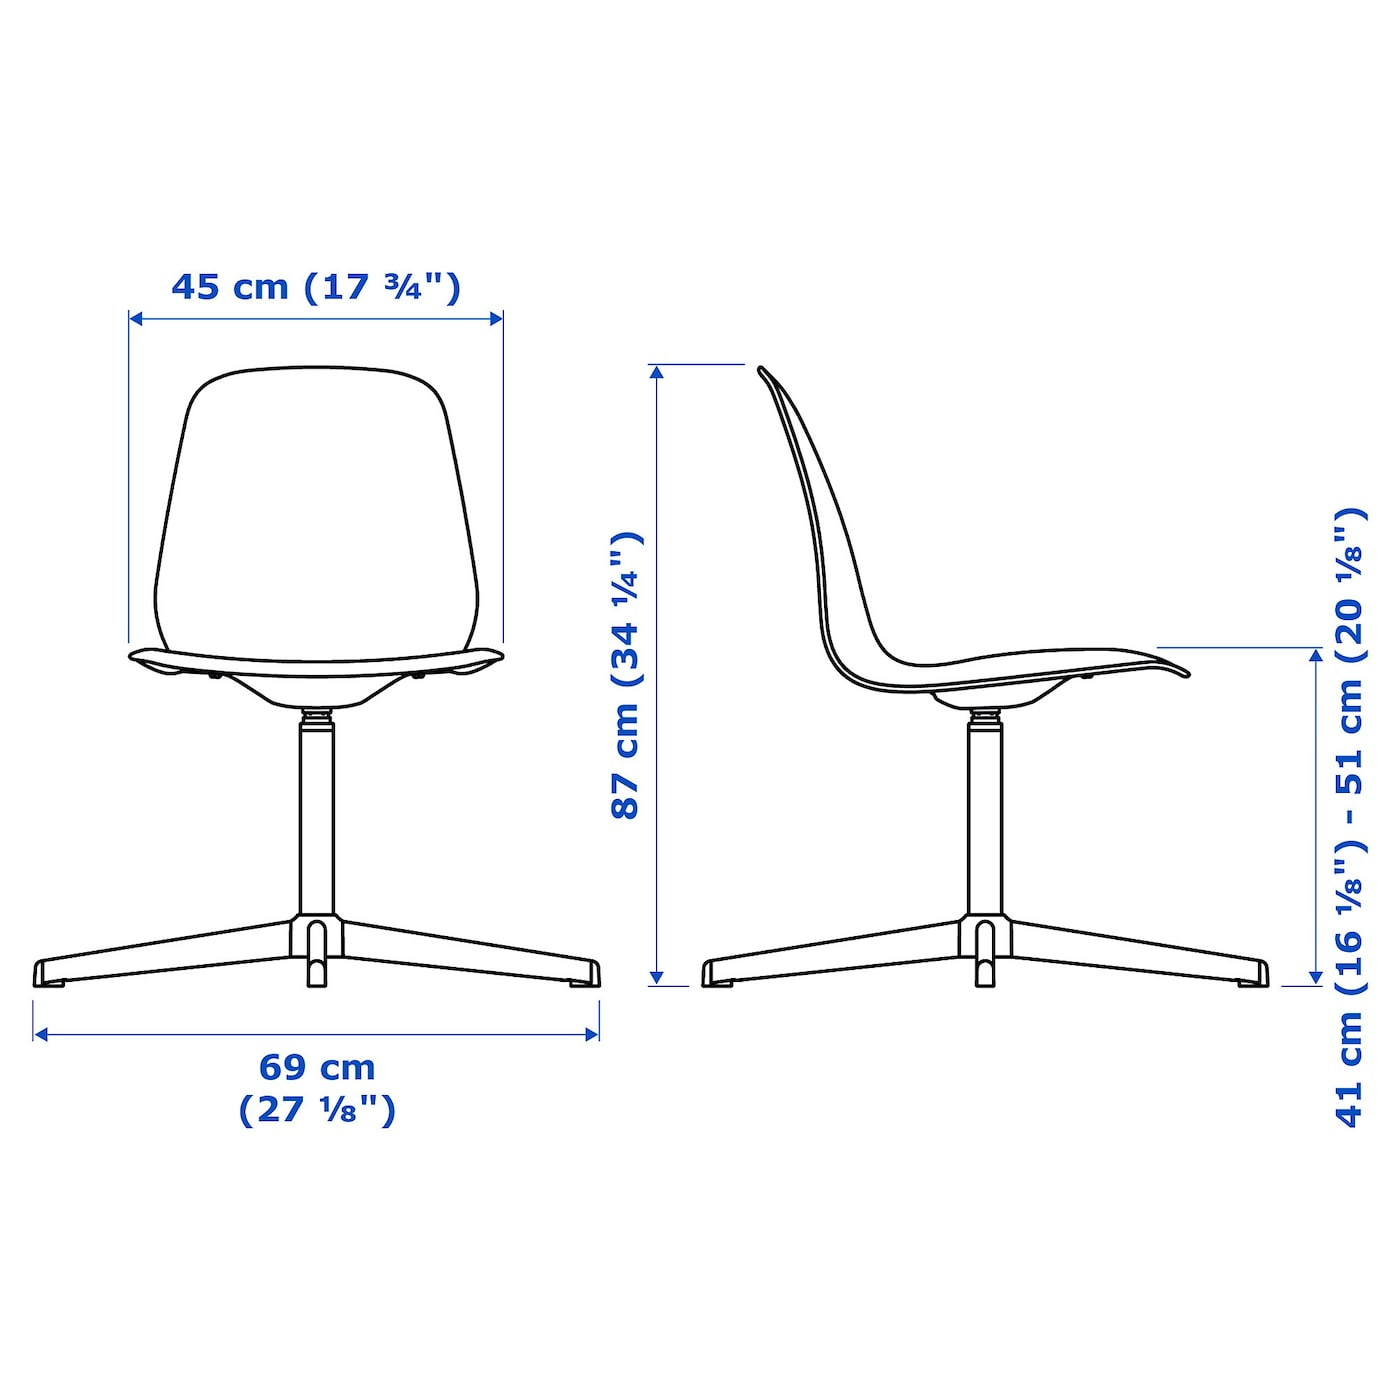 LEIFARNE Krzesło obrotowe biały, Balsberget biały